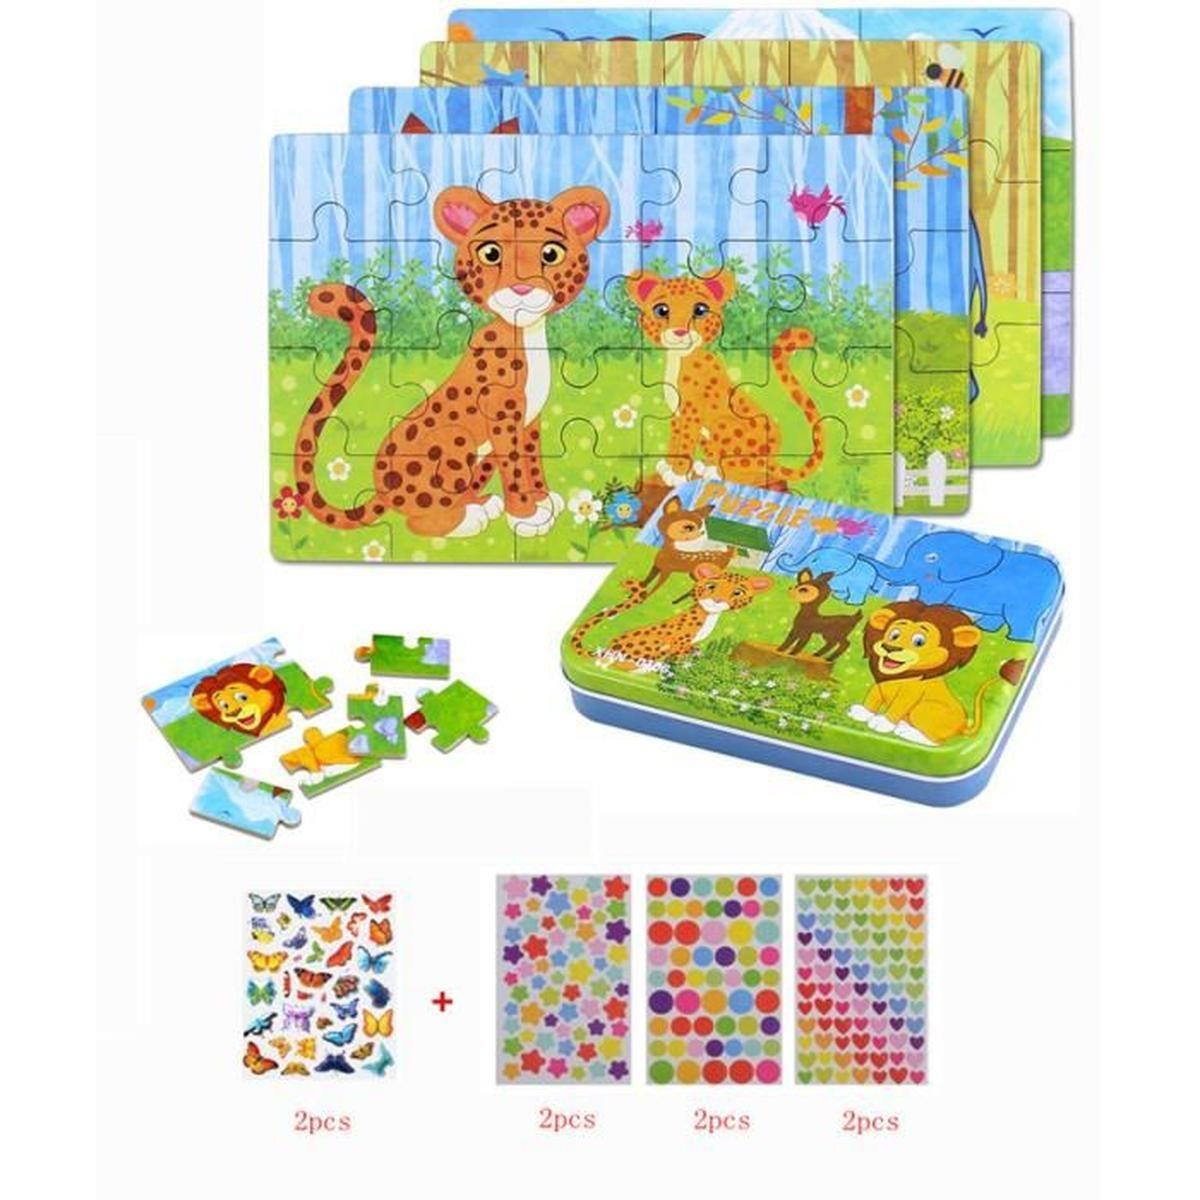 Jeux Et Jouets Uping Puzzle Magnetique Bois Avec Tableau dedans Jeu Educatif 3 Ans